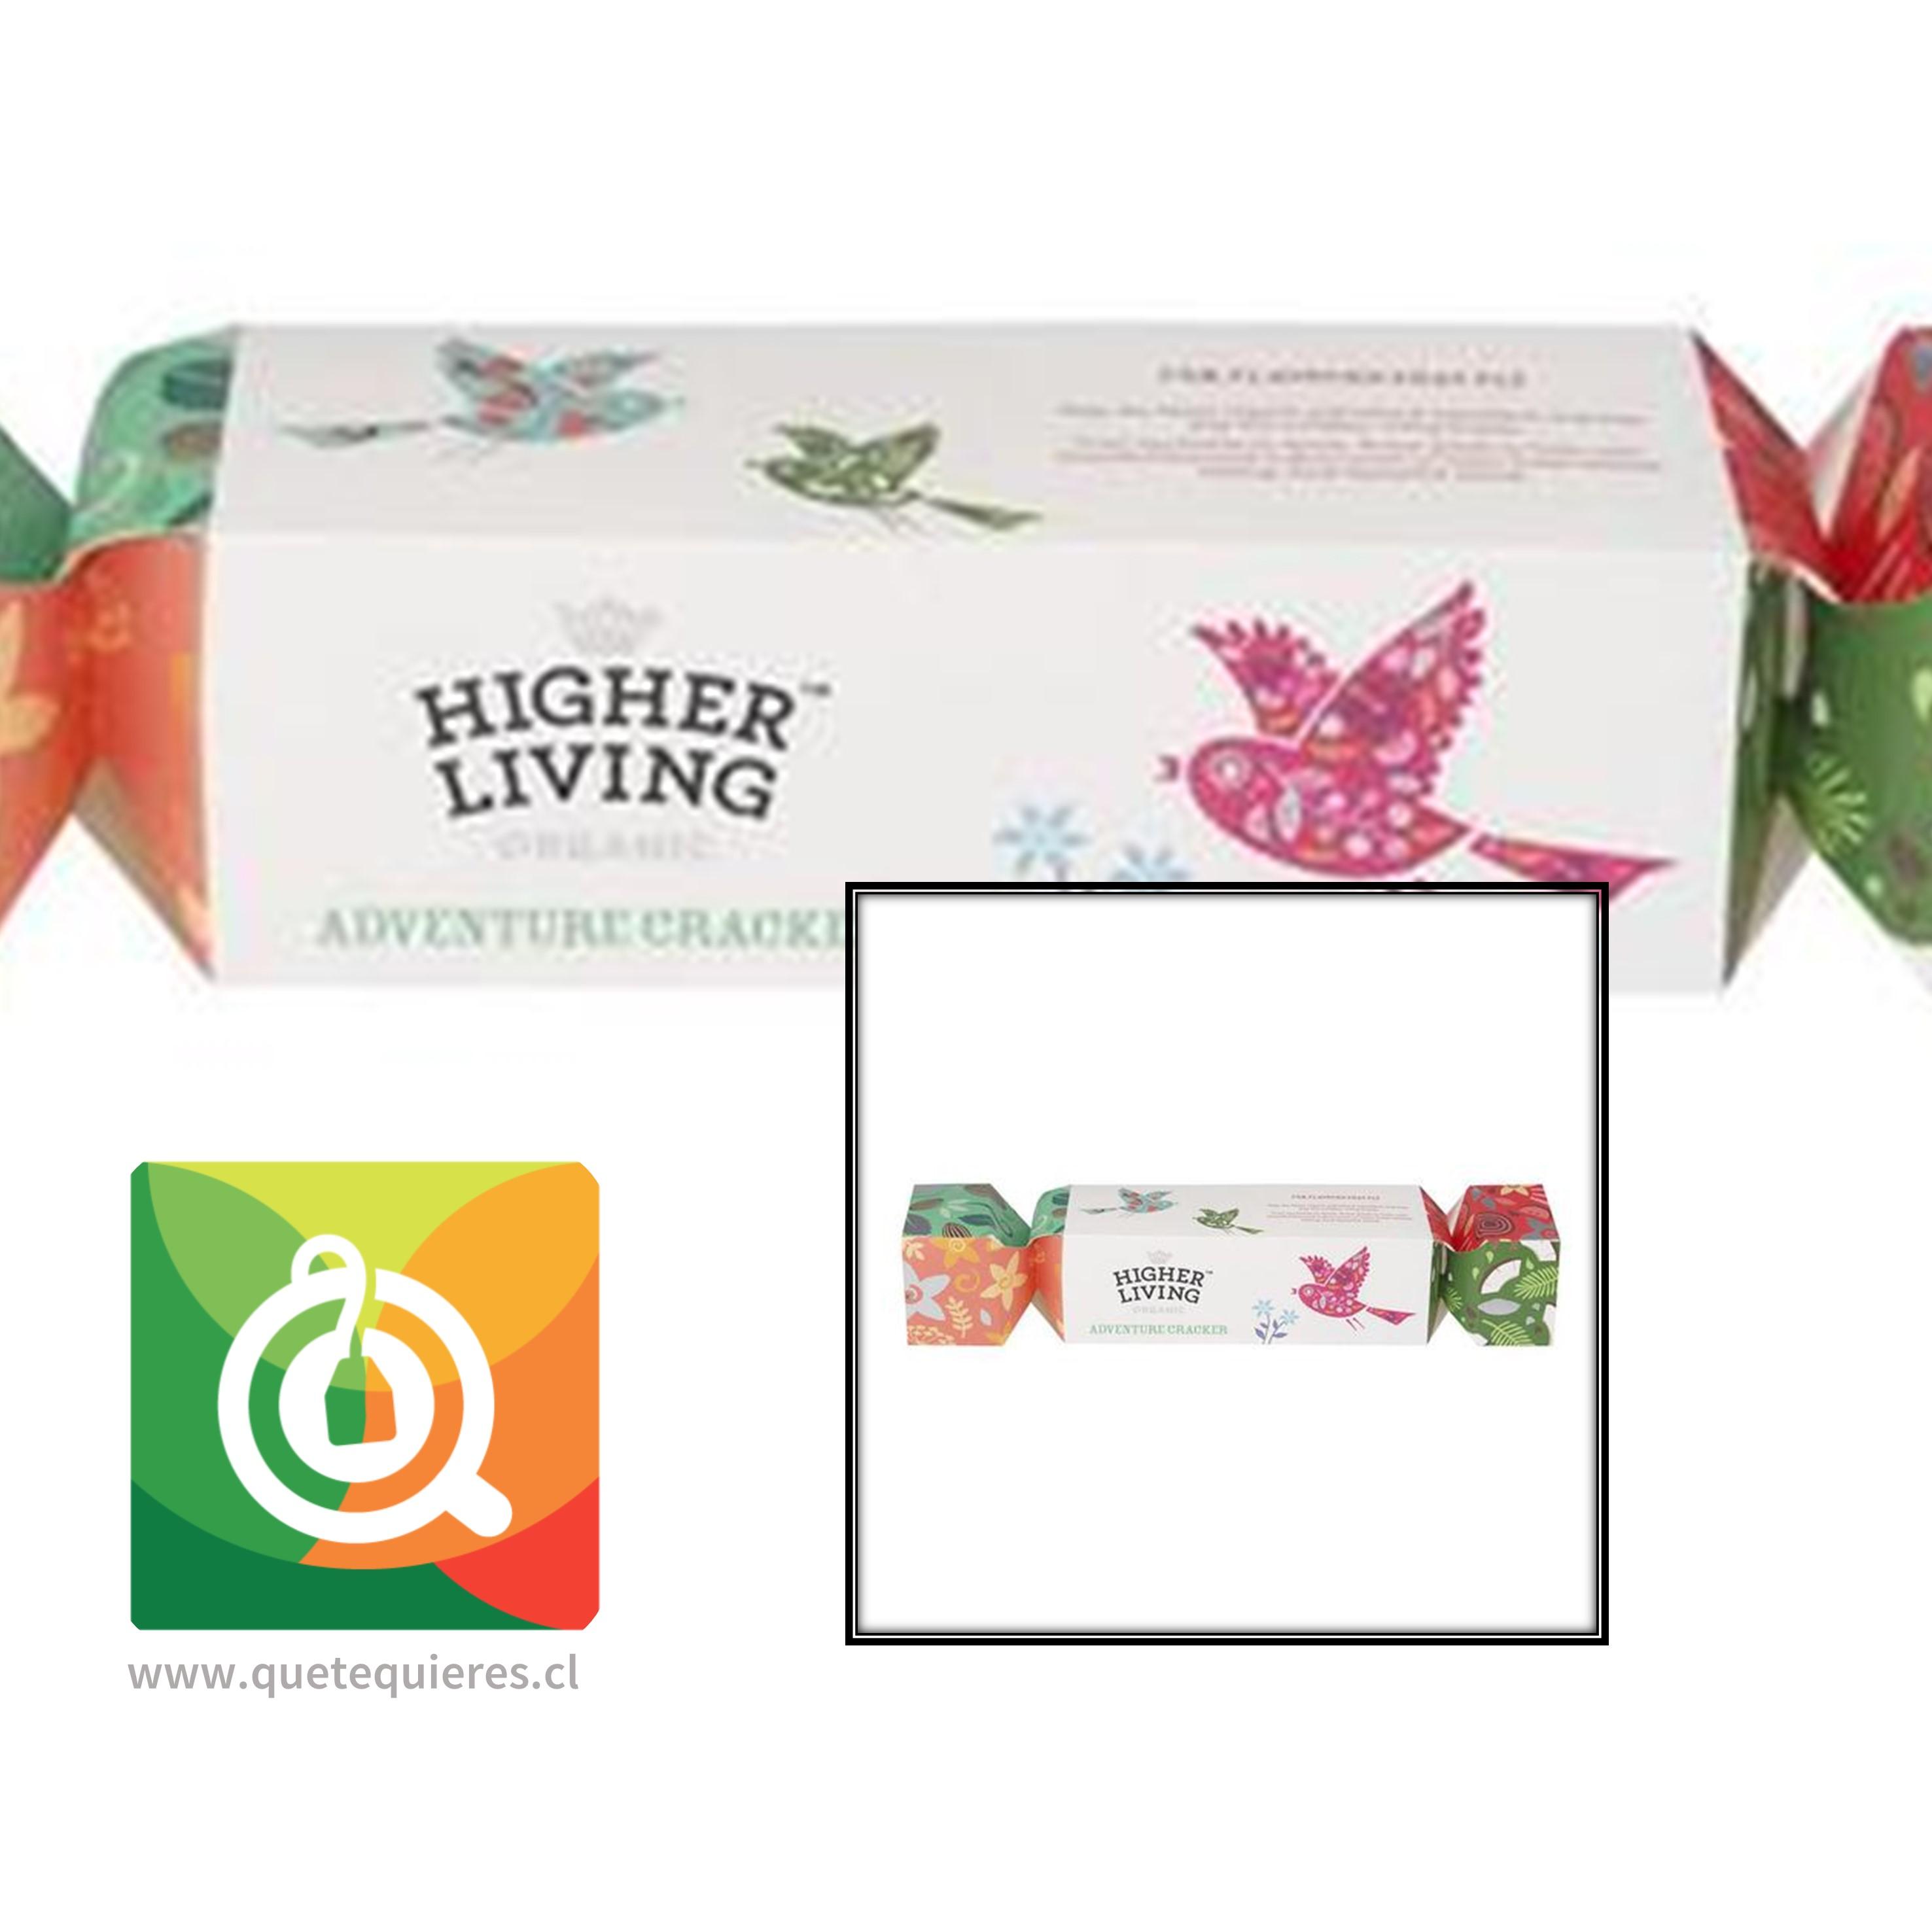 Higher Living Cajita de Regalo Diseño Dulce - Adventure Cracker